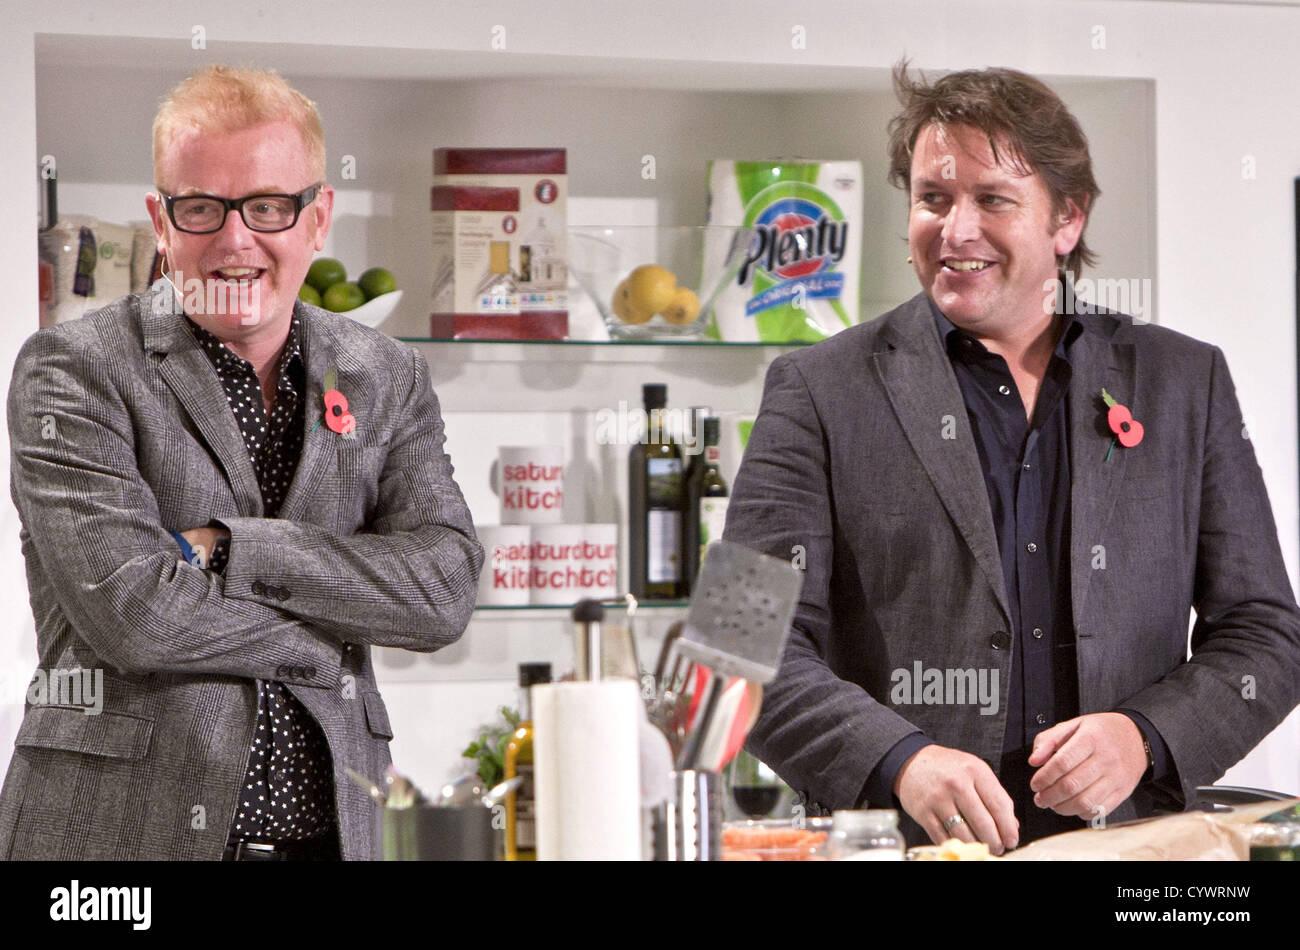 london celebrity chef james martin hosts a live version. Black Bedroom Furniture Sets. Home Design Ideas